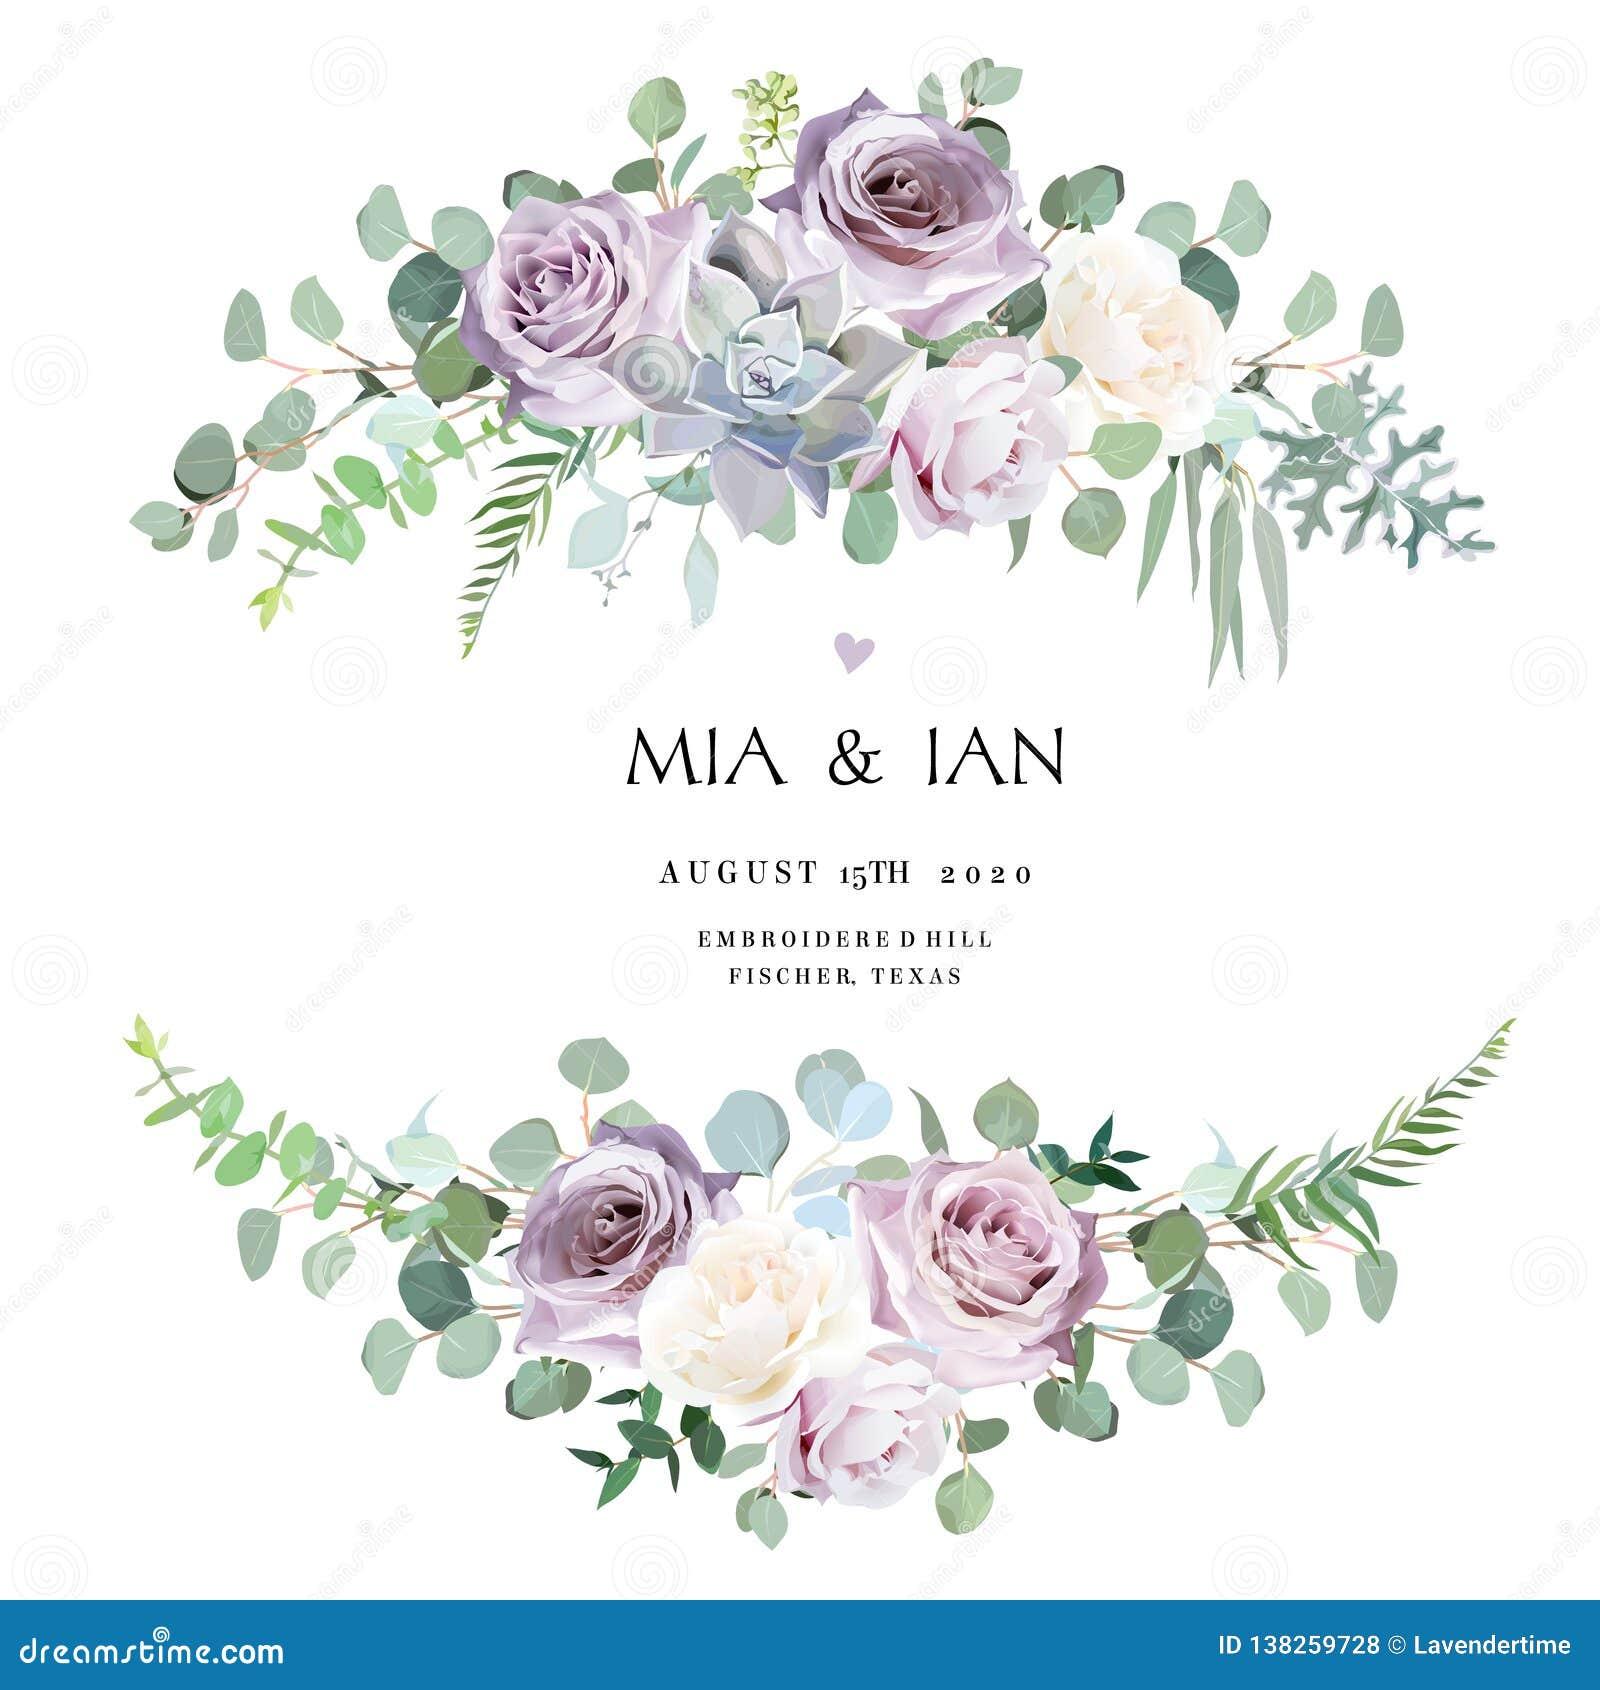 Rosa antiga violeta empoeirada da alfazema, a cremosa e a malva, flores pálidas roxas